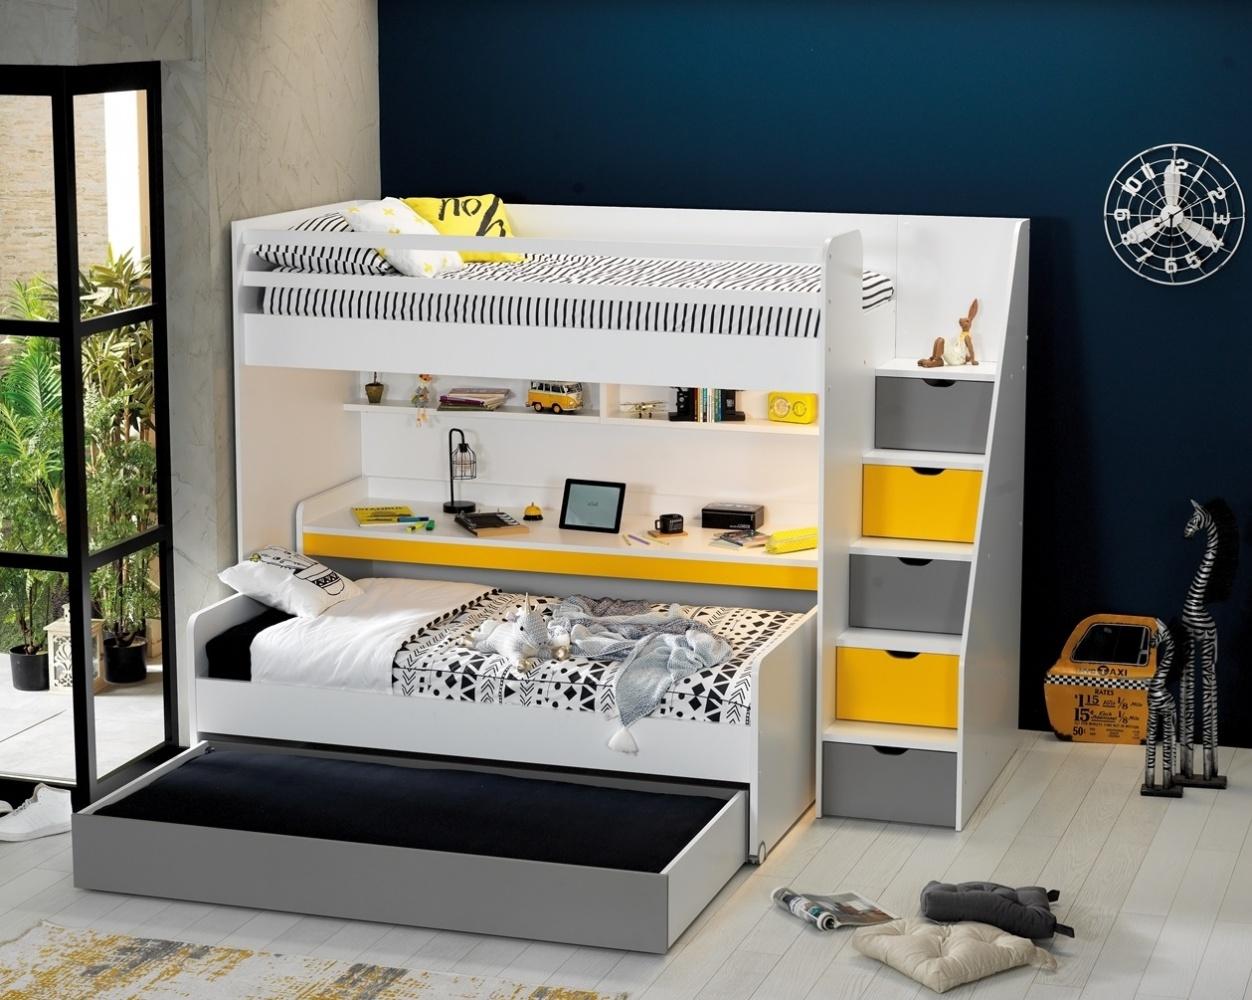 Almilas Kinderzimmer Set Neos mit drei Schlafplätzen Weiß/Gelb